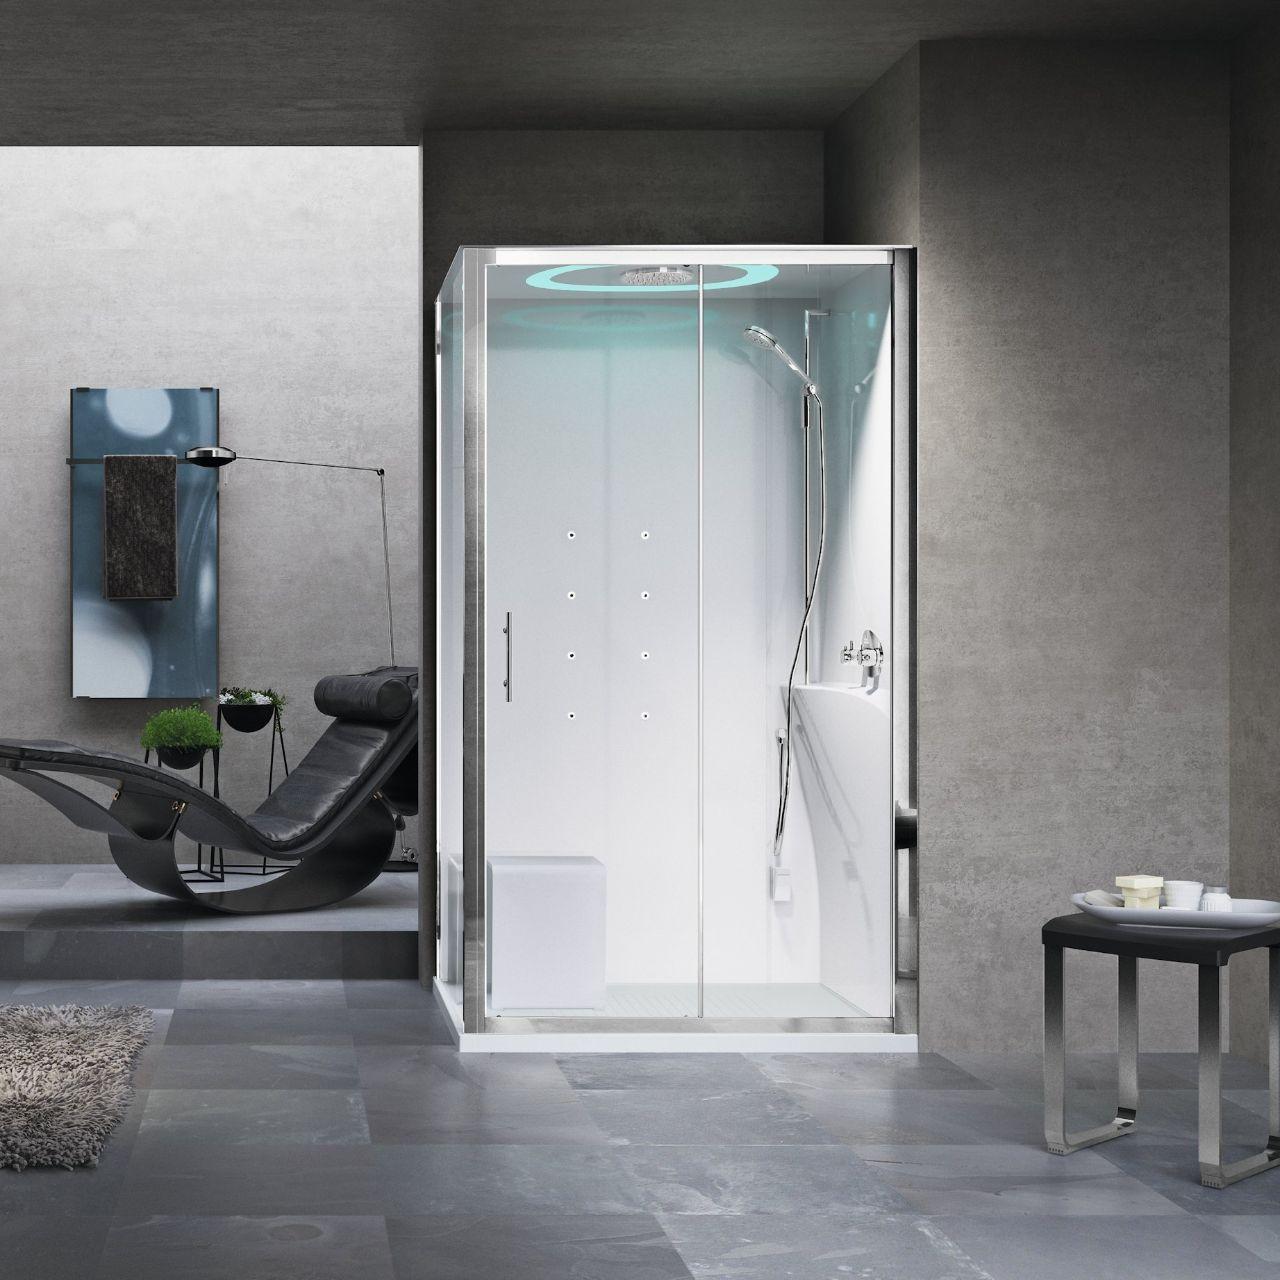 Cabine doccia eon 2p120x90 novellini - Cabine doccia multifunzione novellini ...